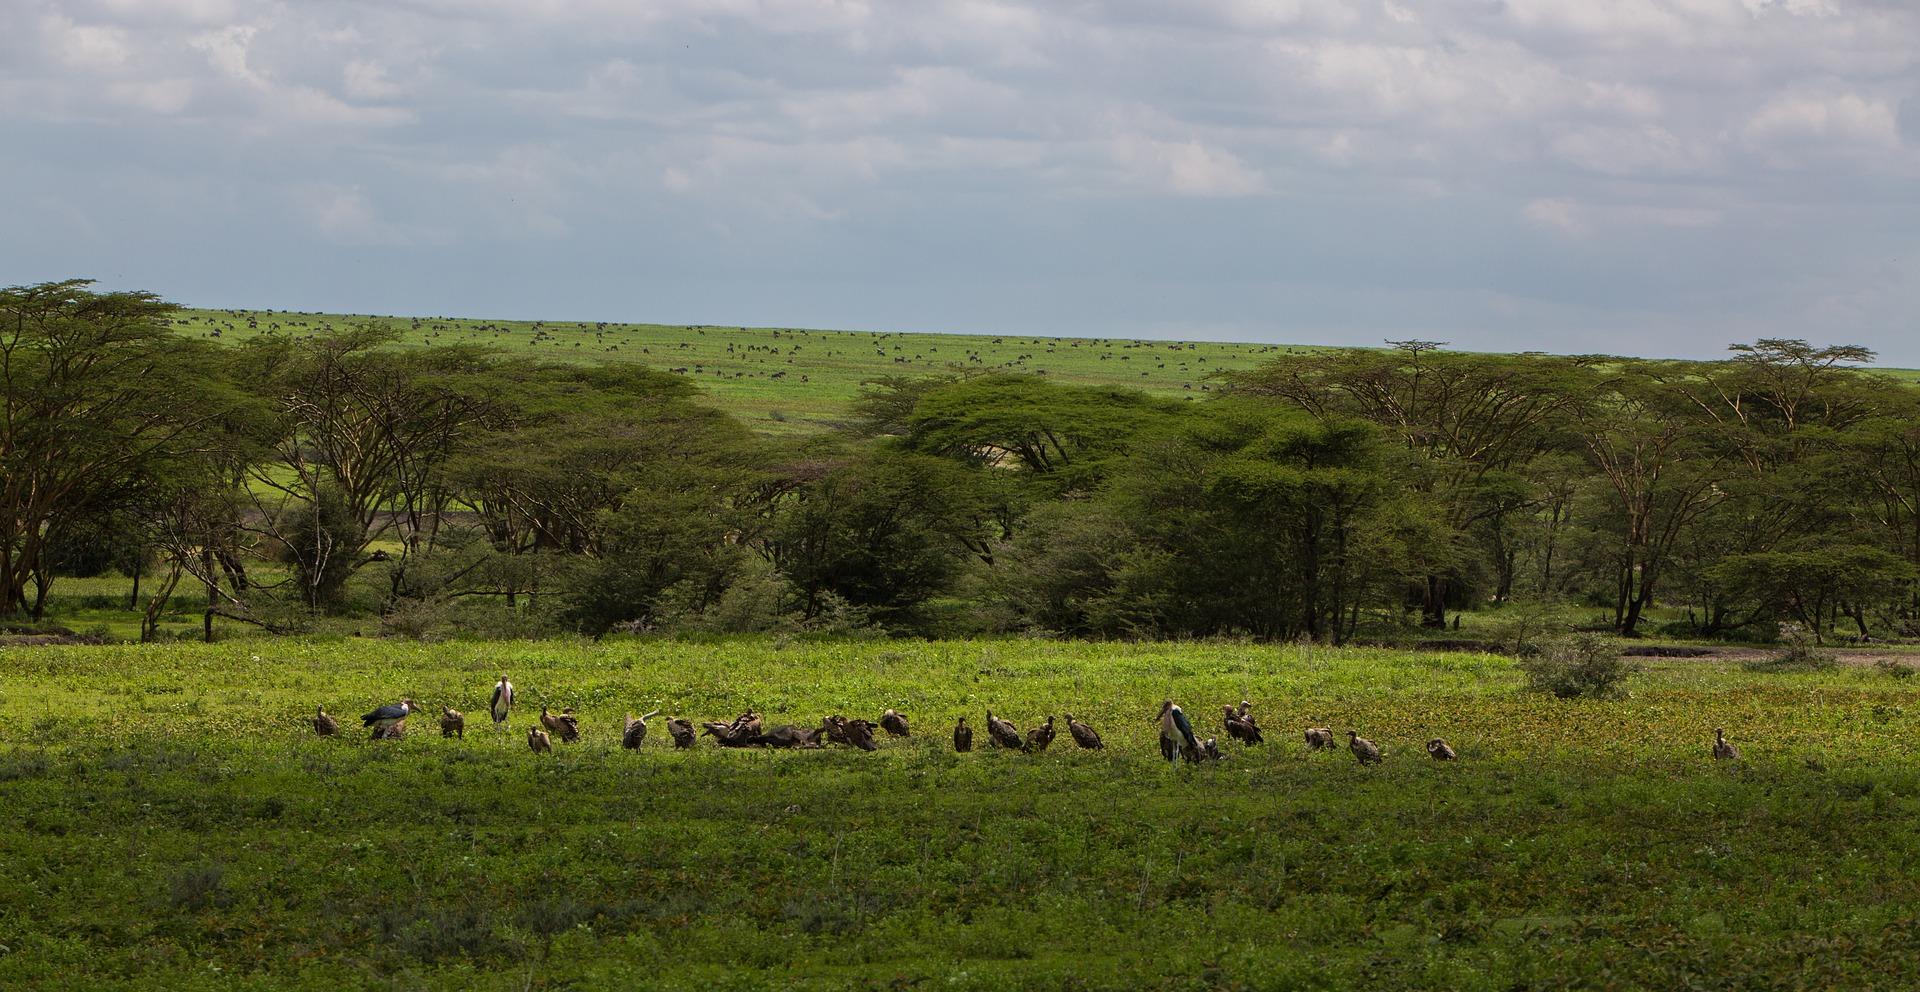 Naturaleza y el nacimiento del ñu en Tanzania